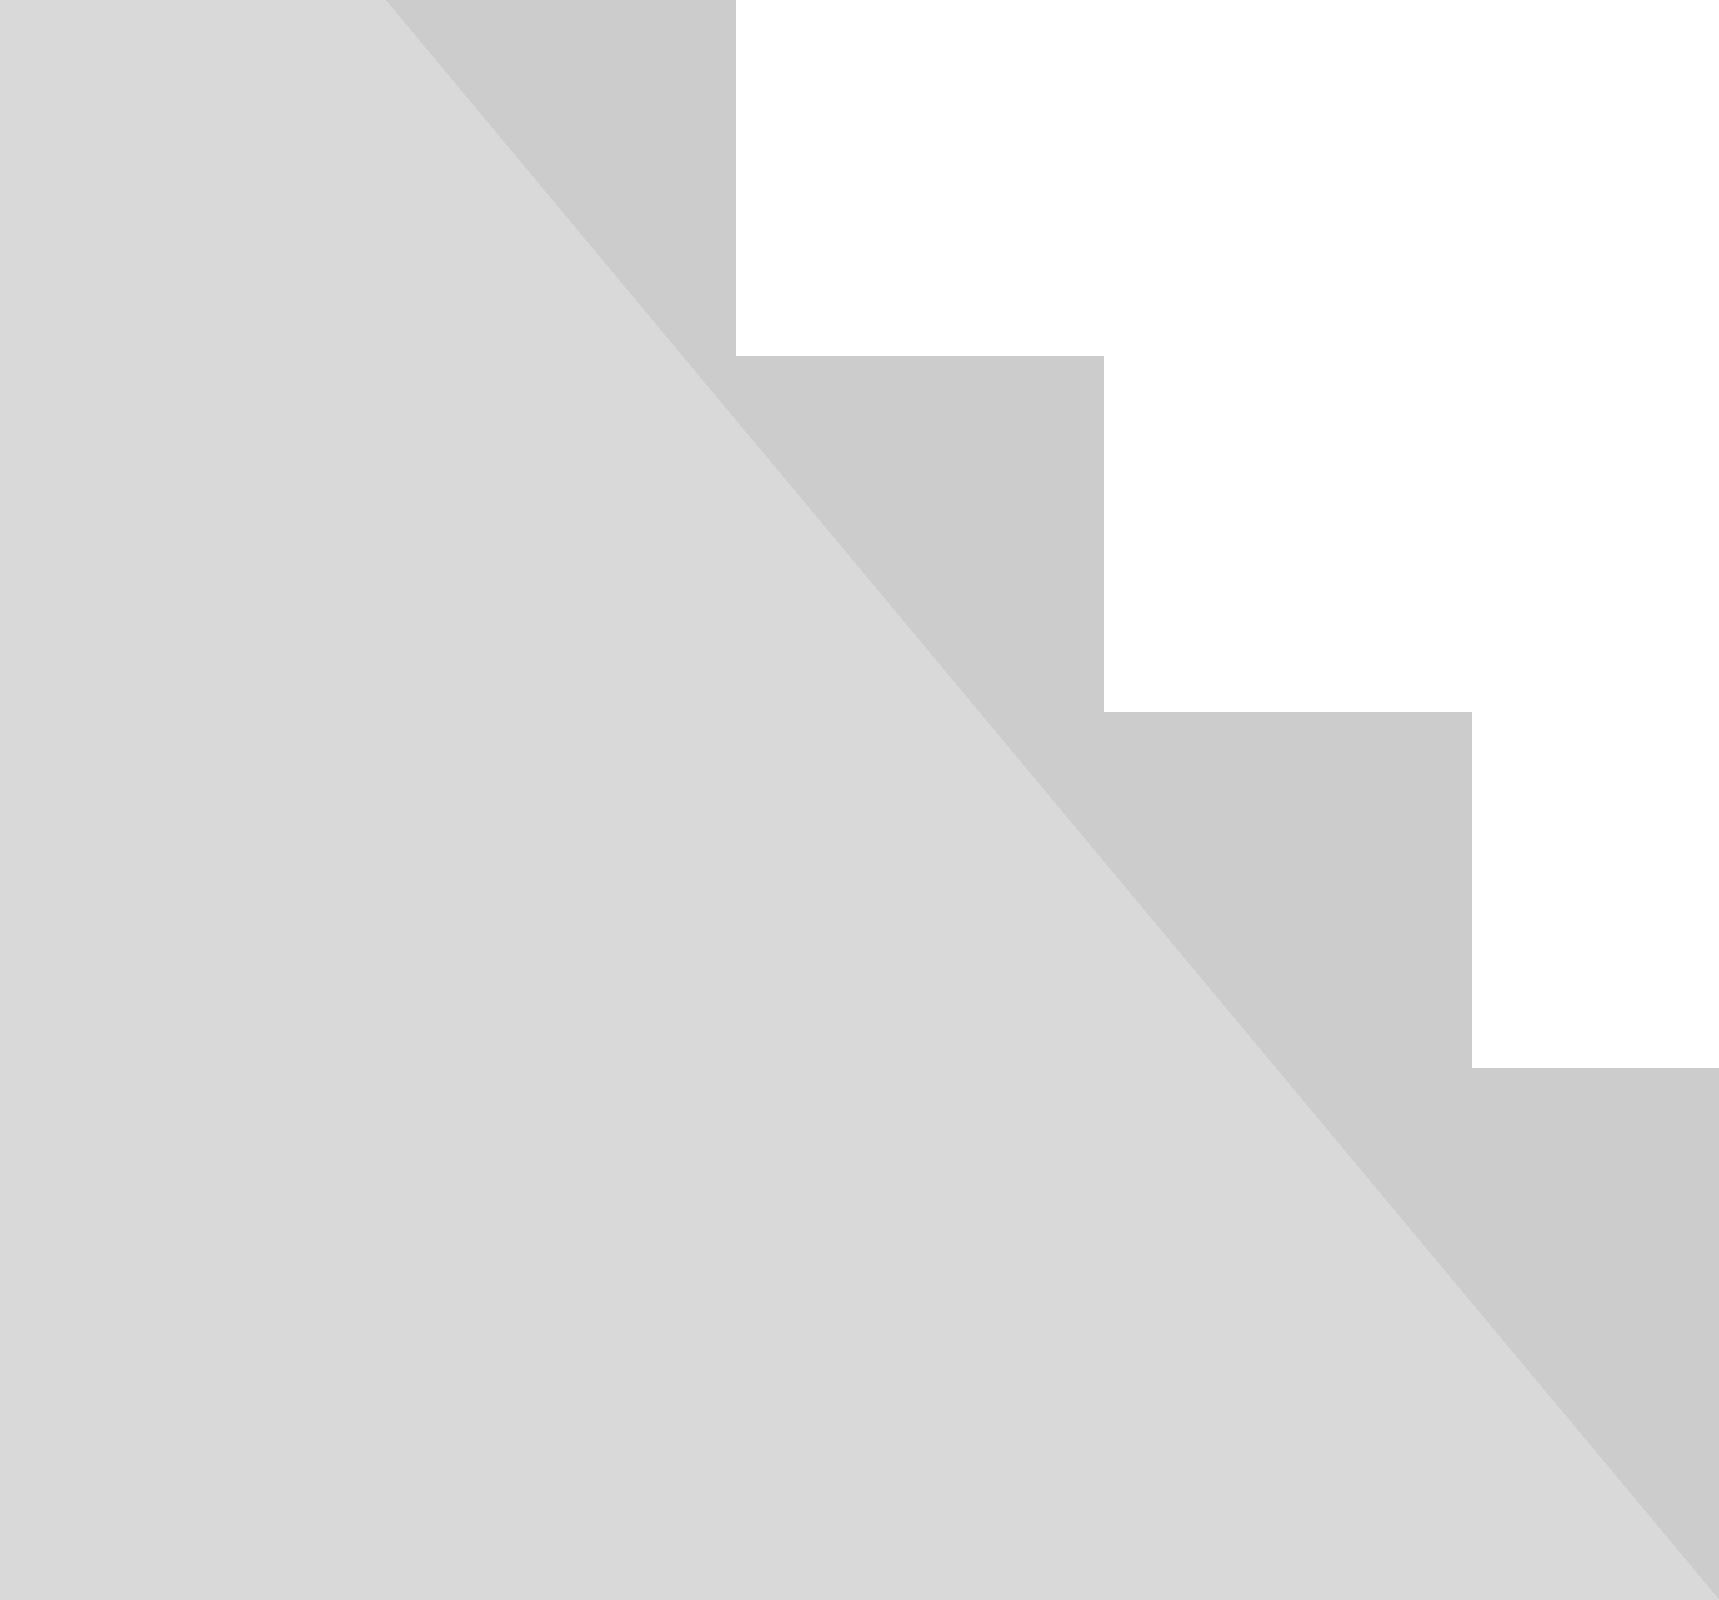 Full Size of Schüco Fenster Online Schco Aus Polen Einbauen Kosten Jalousie Konfigurieren Drutex Test Alte Kaufen Günstige Velux Preise Mit Rolladen Integriertem Fenster Schüco Fenster Online